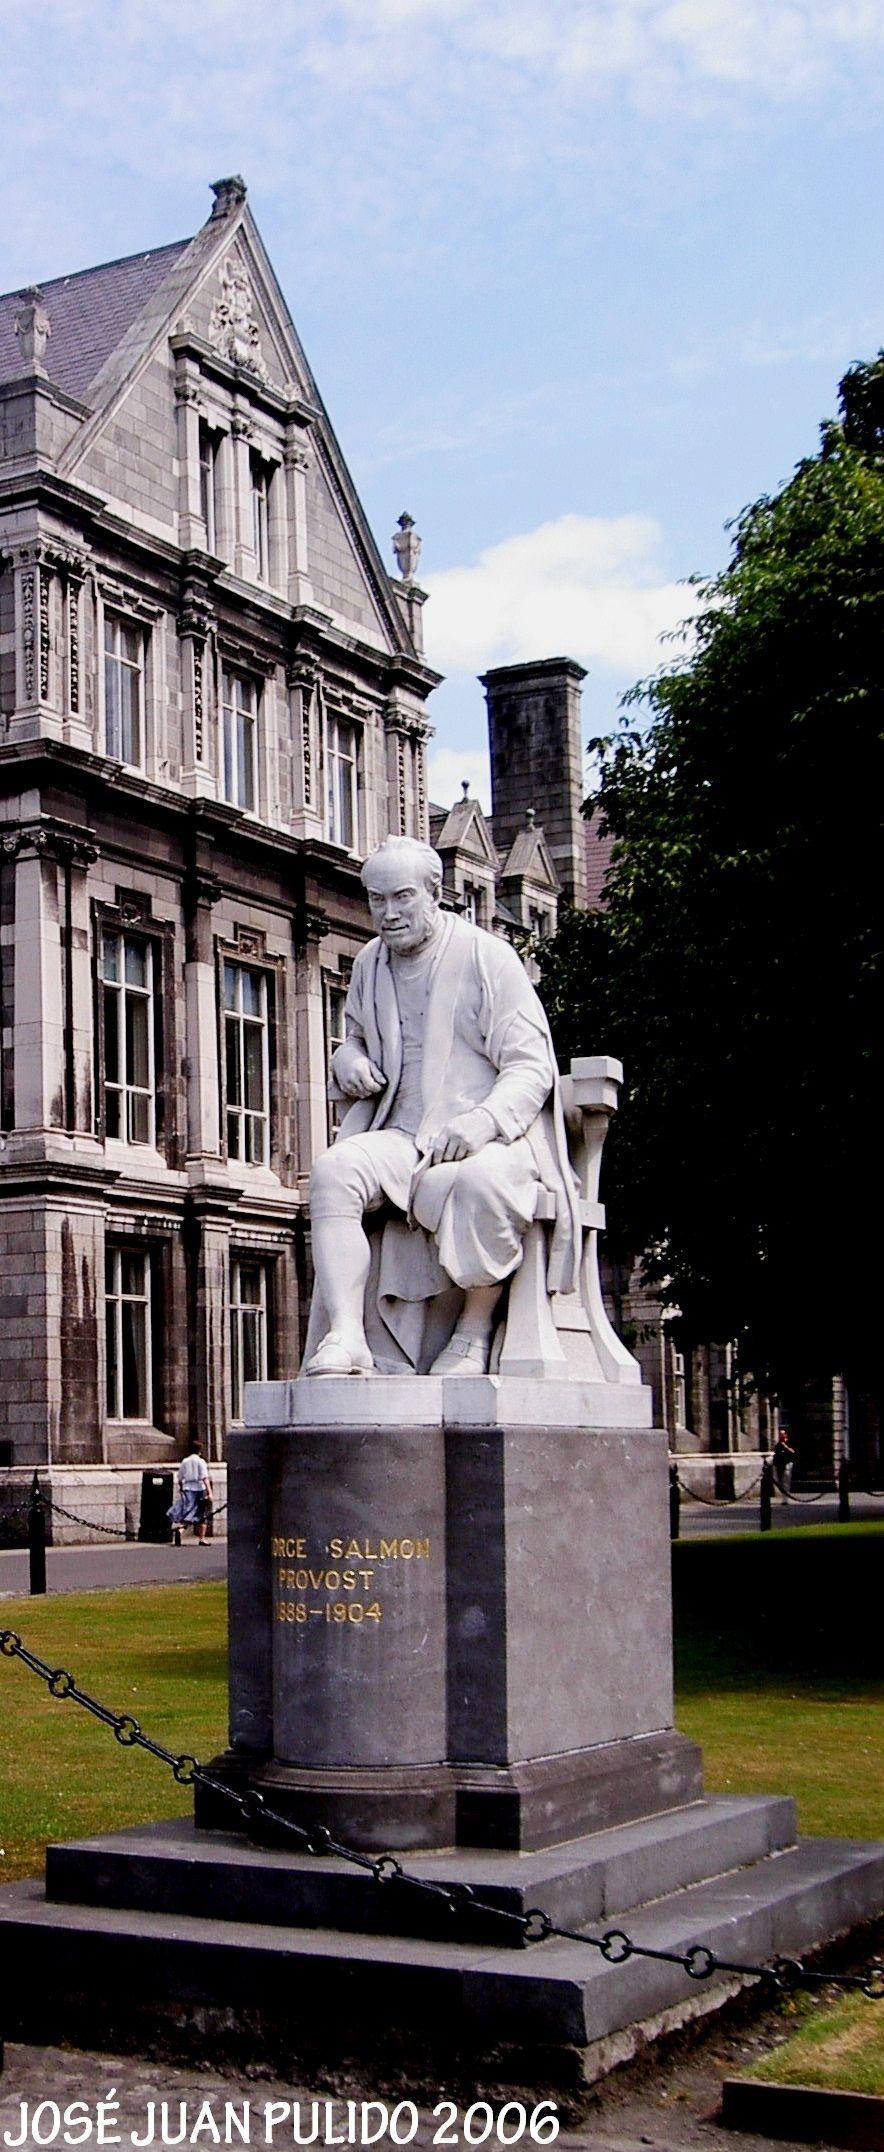 Dublín Trinity College George Salmon  fue un matemático y teólogo irlandés.   Geómetra y descubrió, junto con Cayley, las 27 líneas de la superficie cúbica.   Desde 1874 sintió que no podía añadir nada nuevo a las matemáticas  la mayoría de sus escritos tratarían de teología. .  Ejerció de canciller de la Catedral de San Patricio.  Dublin Trinity College George Salmon Was an Irish mathematician and theologian Most of his writings would deal with theology